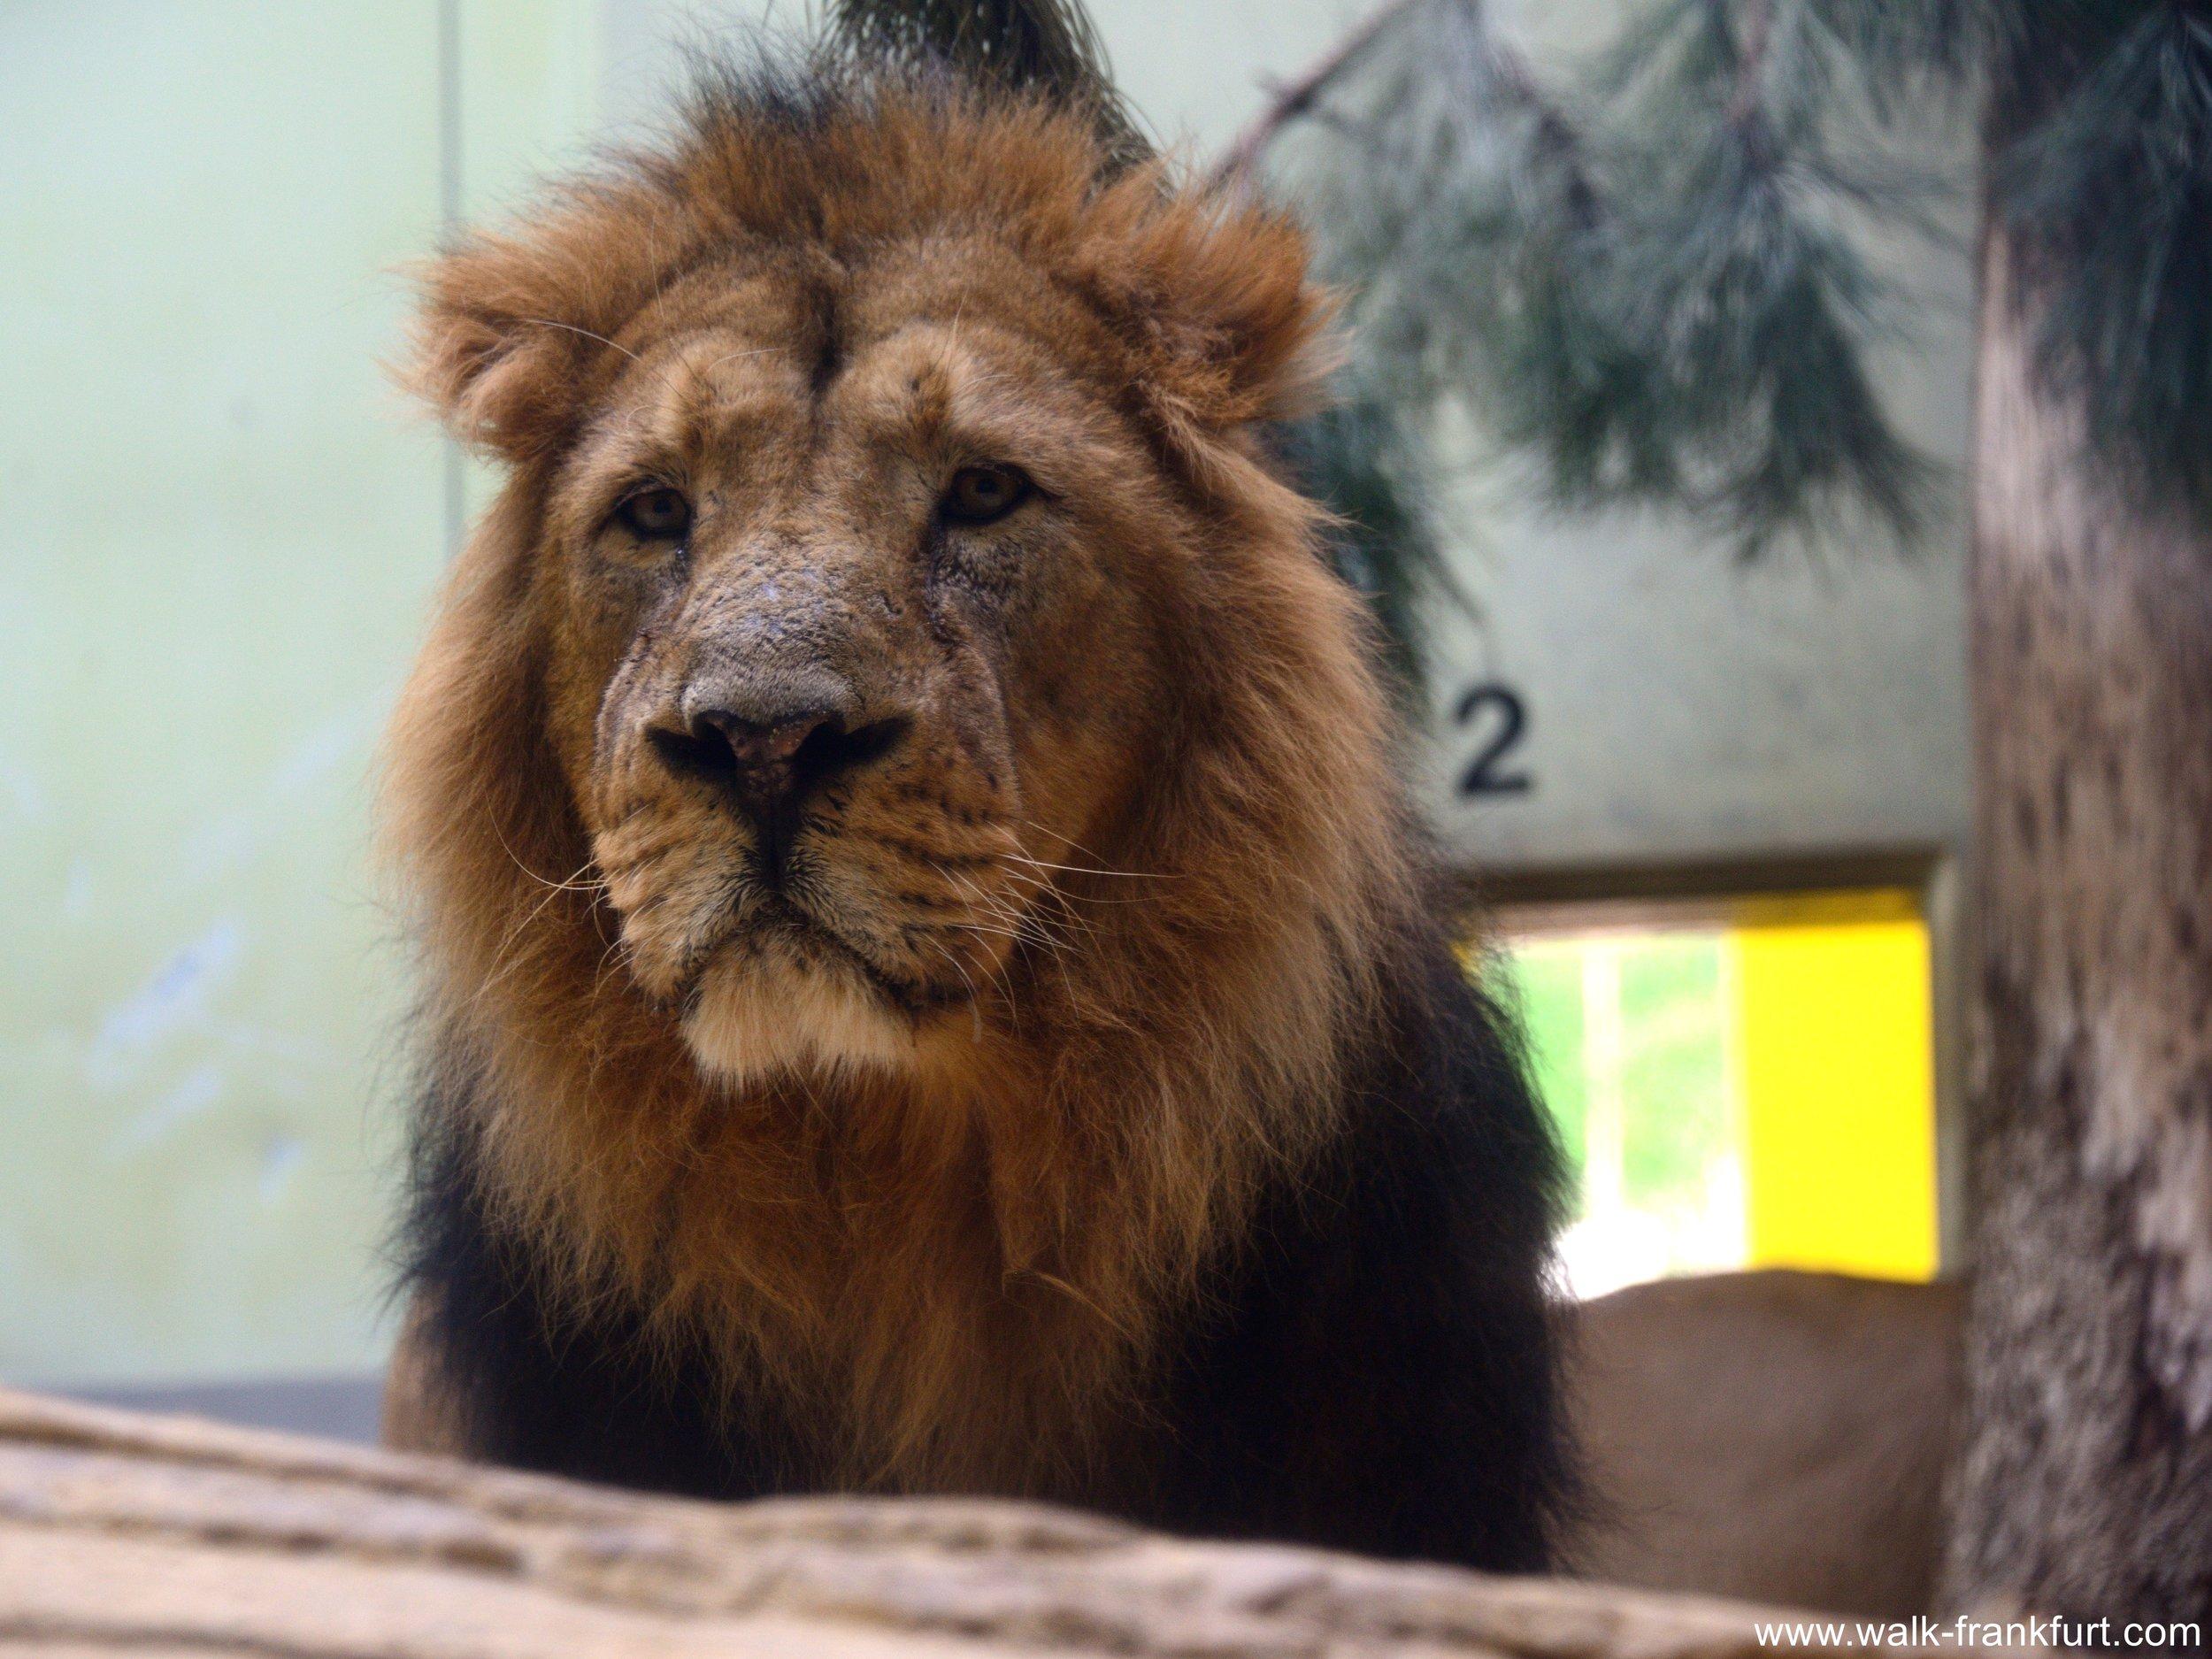 Kumar the lion